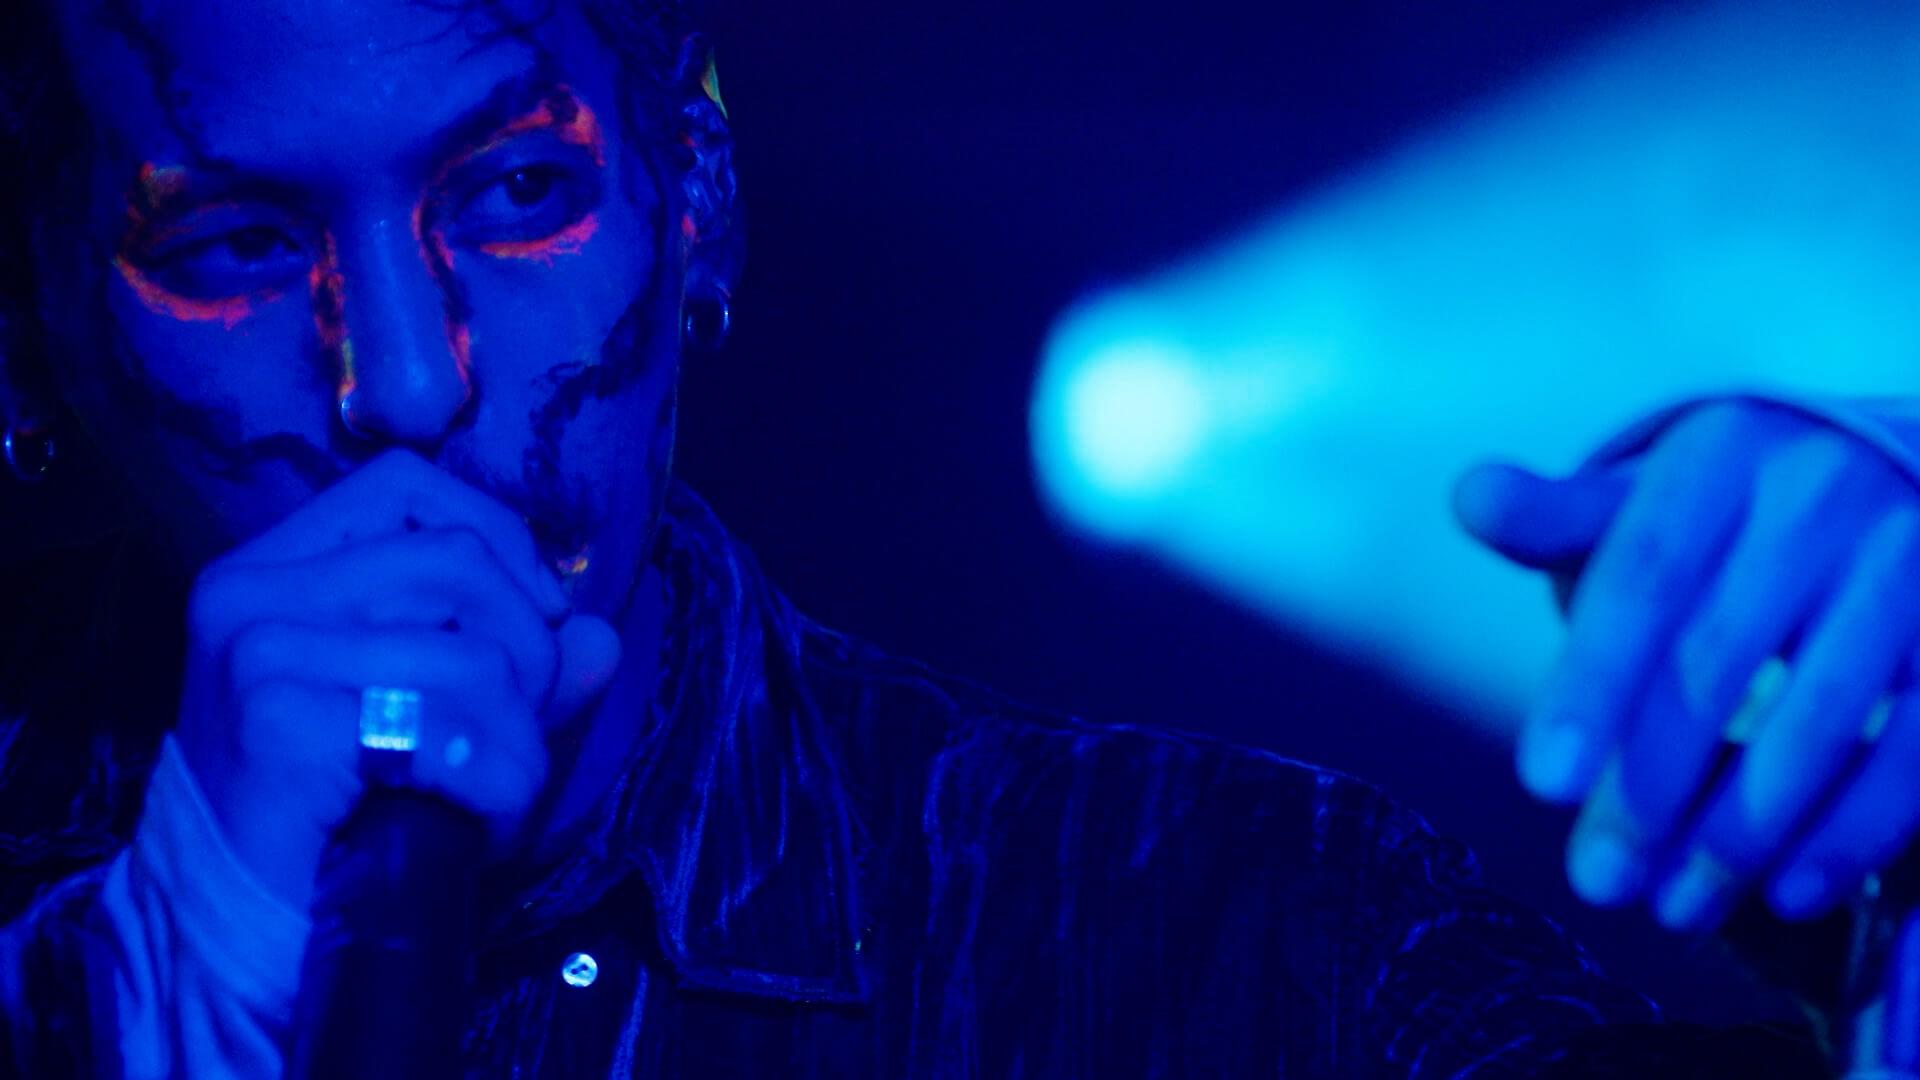 """『竜とそばかすの姫』主題歌""""U""""が話題のmillennium paradeによる<Splendour XR>でのライブ映像が公開中! music210726_millenniumparade_7"""